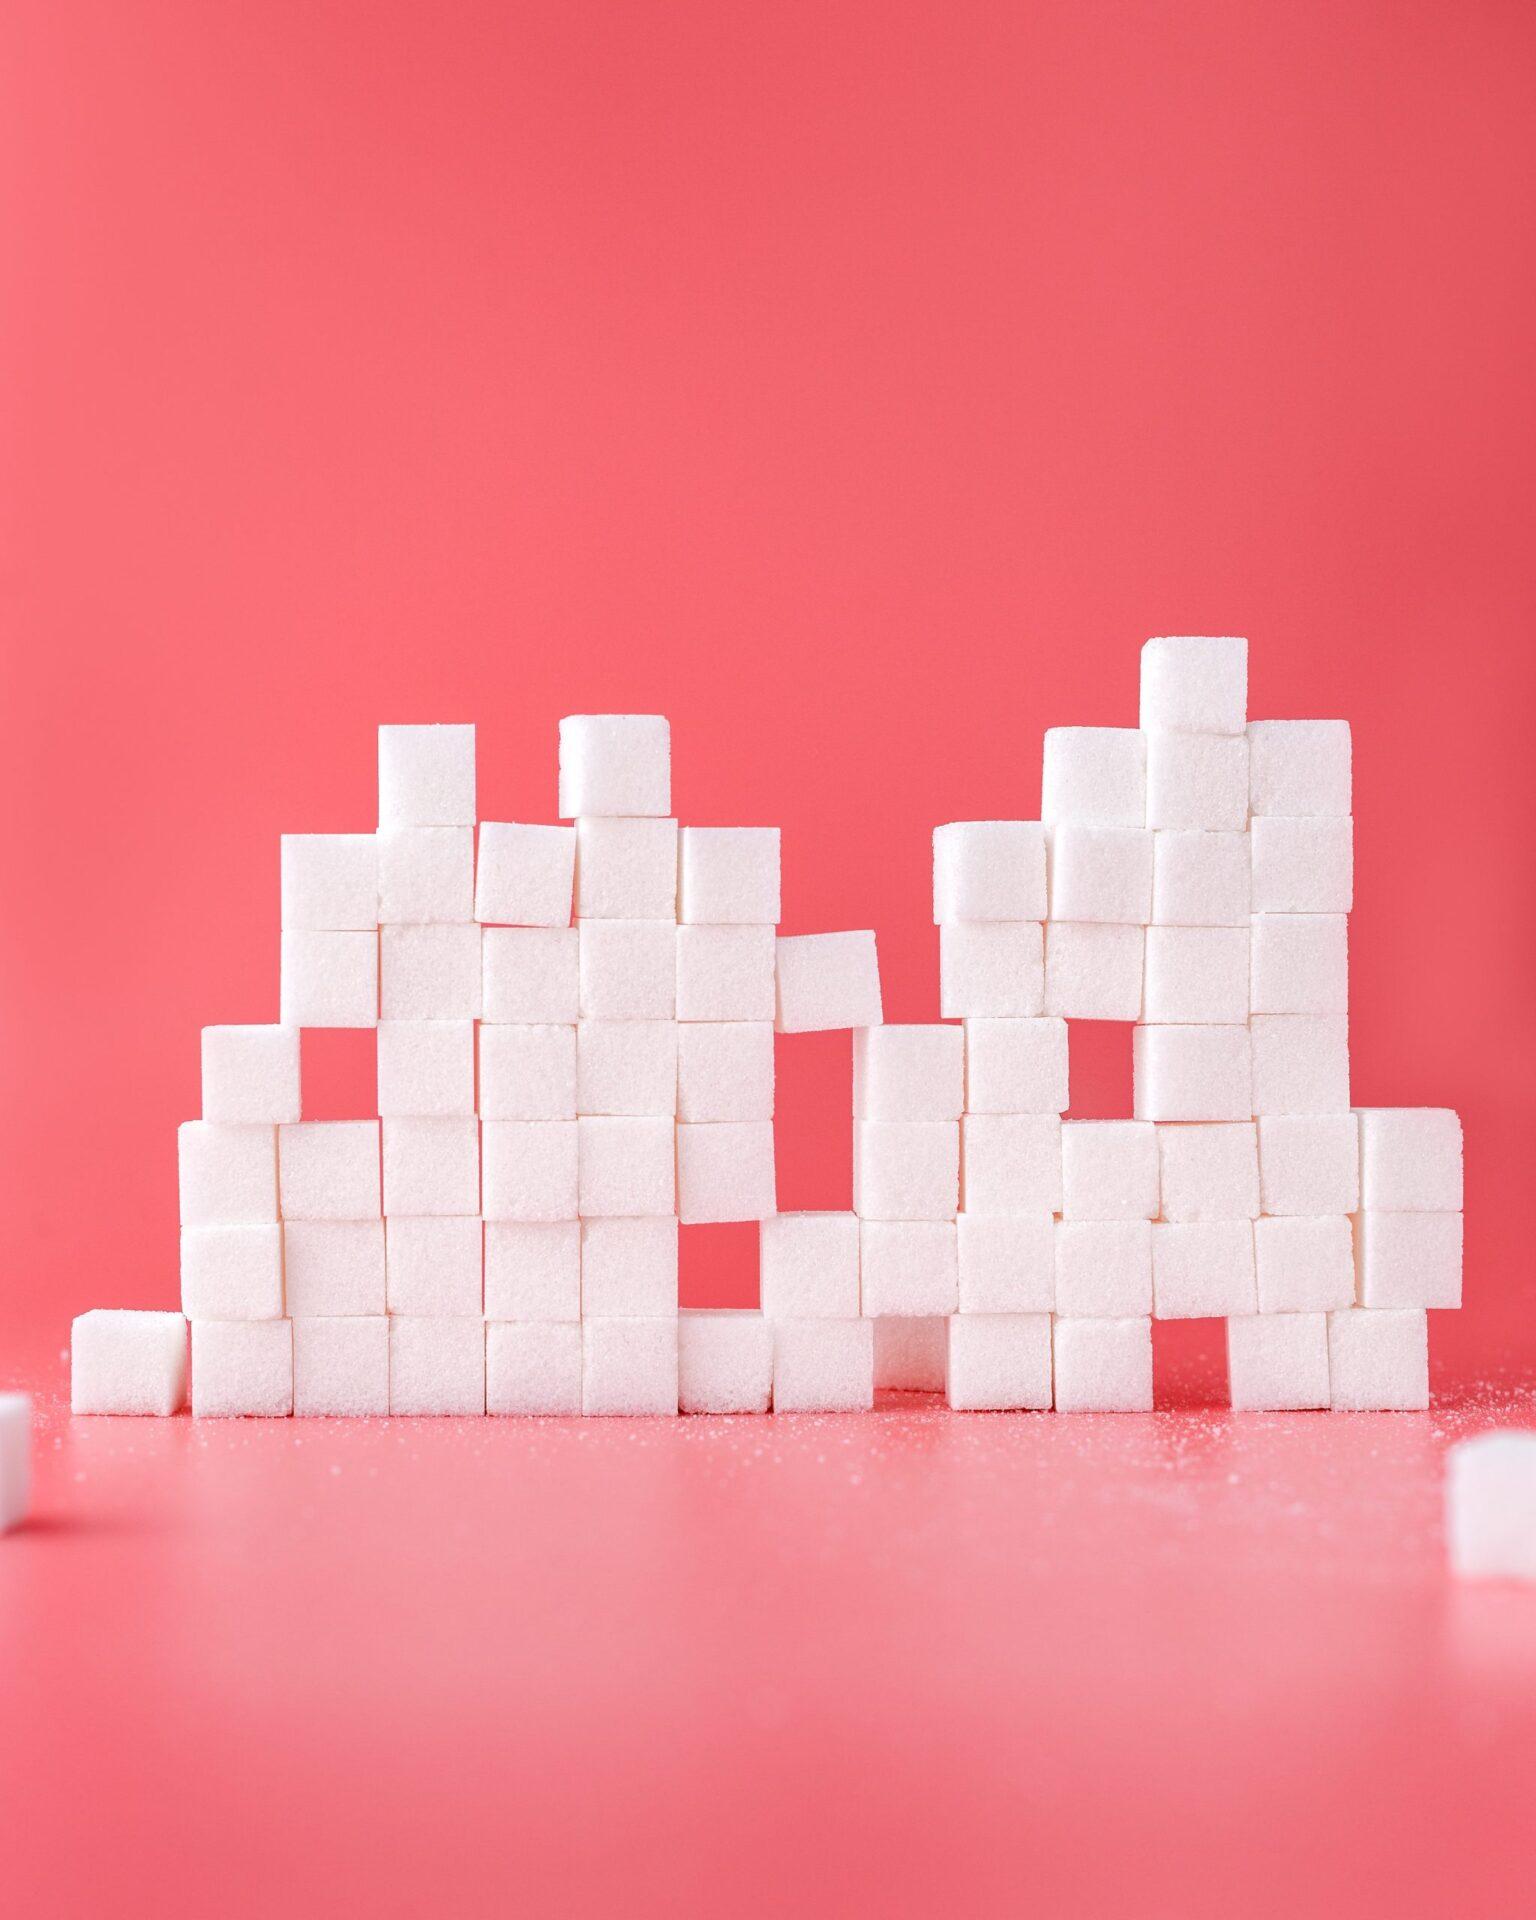 sugar weight